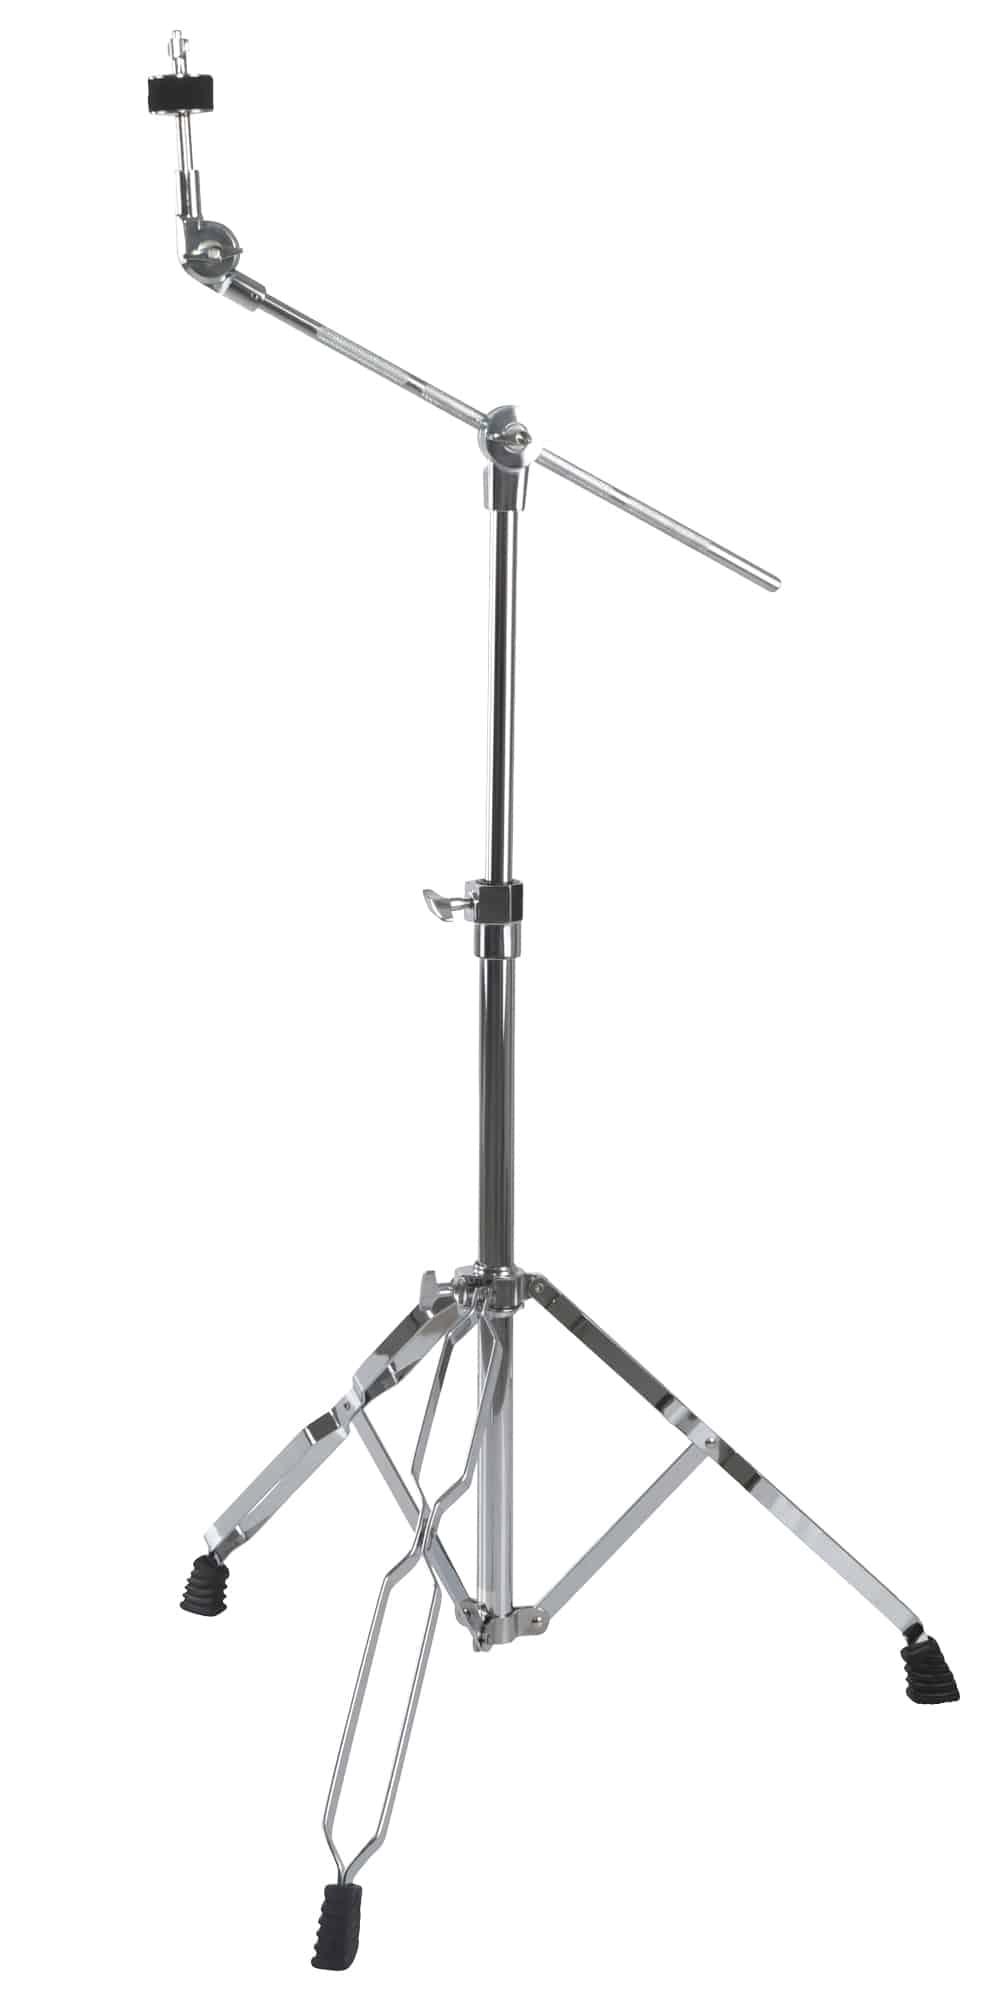 Xdrum Semi 22 Quot Standard Drumset Midnight Black Set Incl